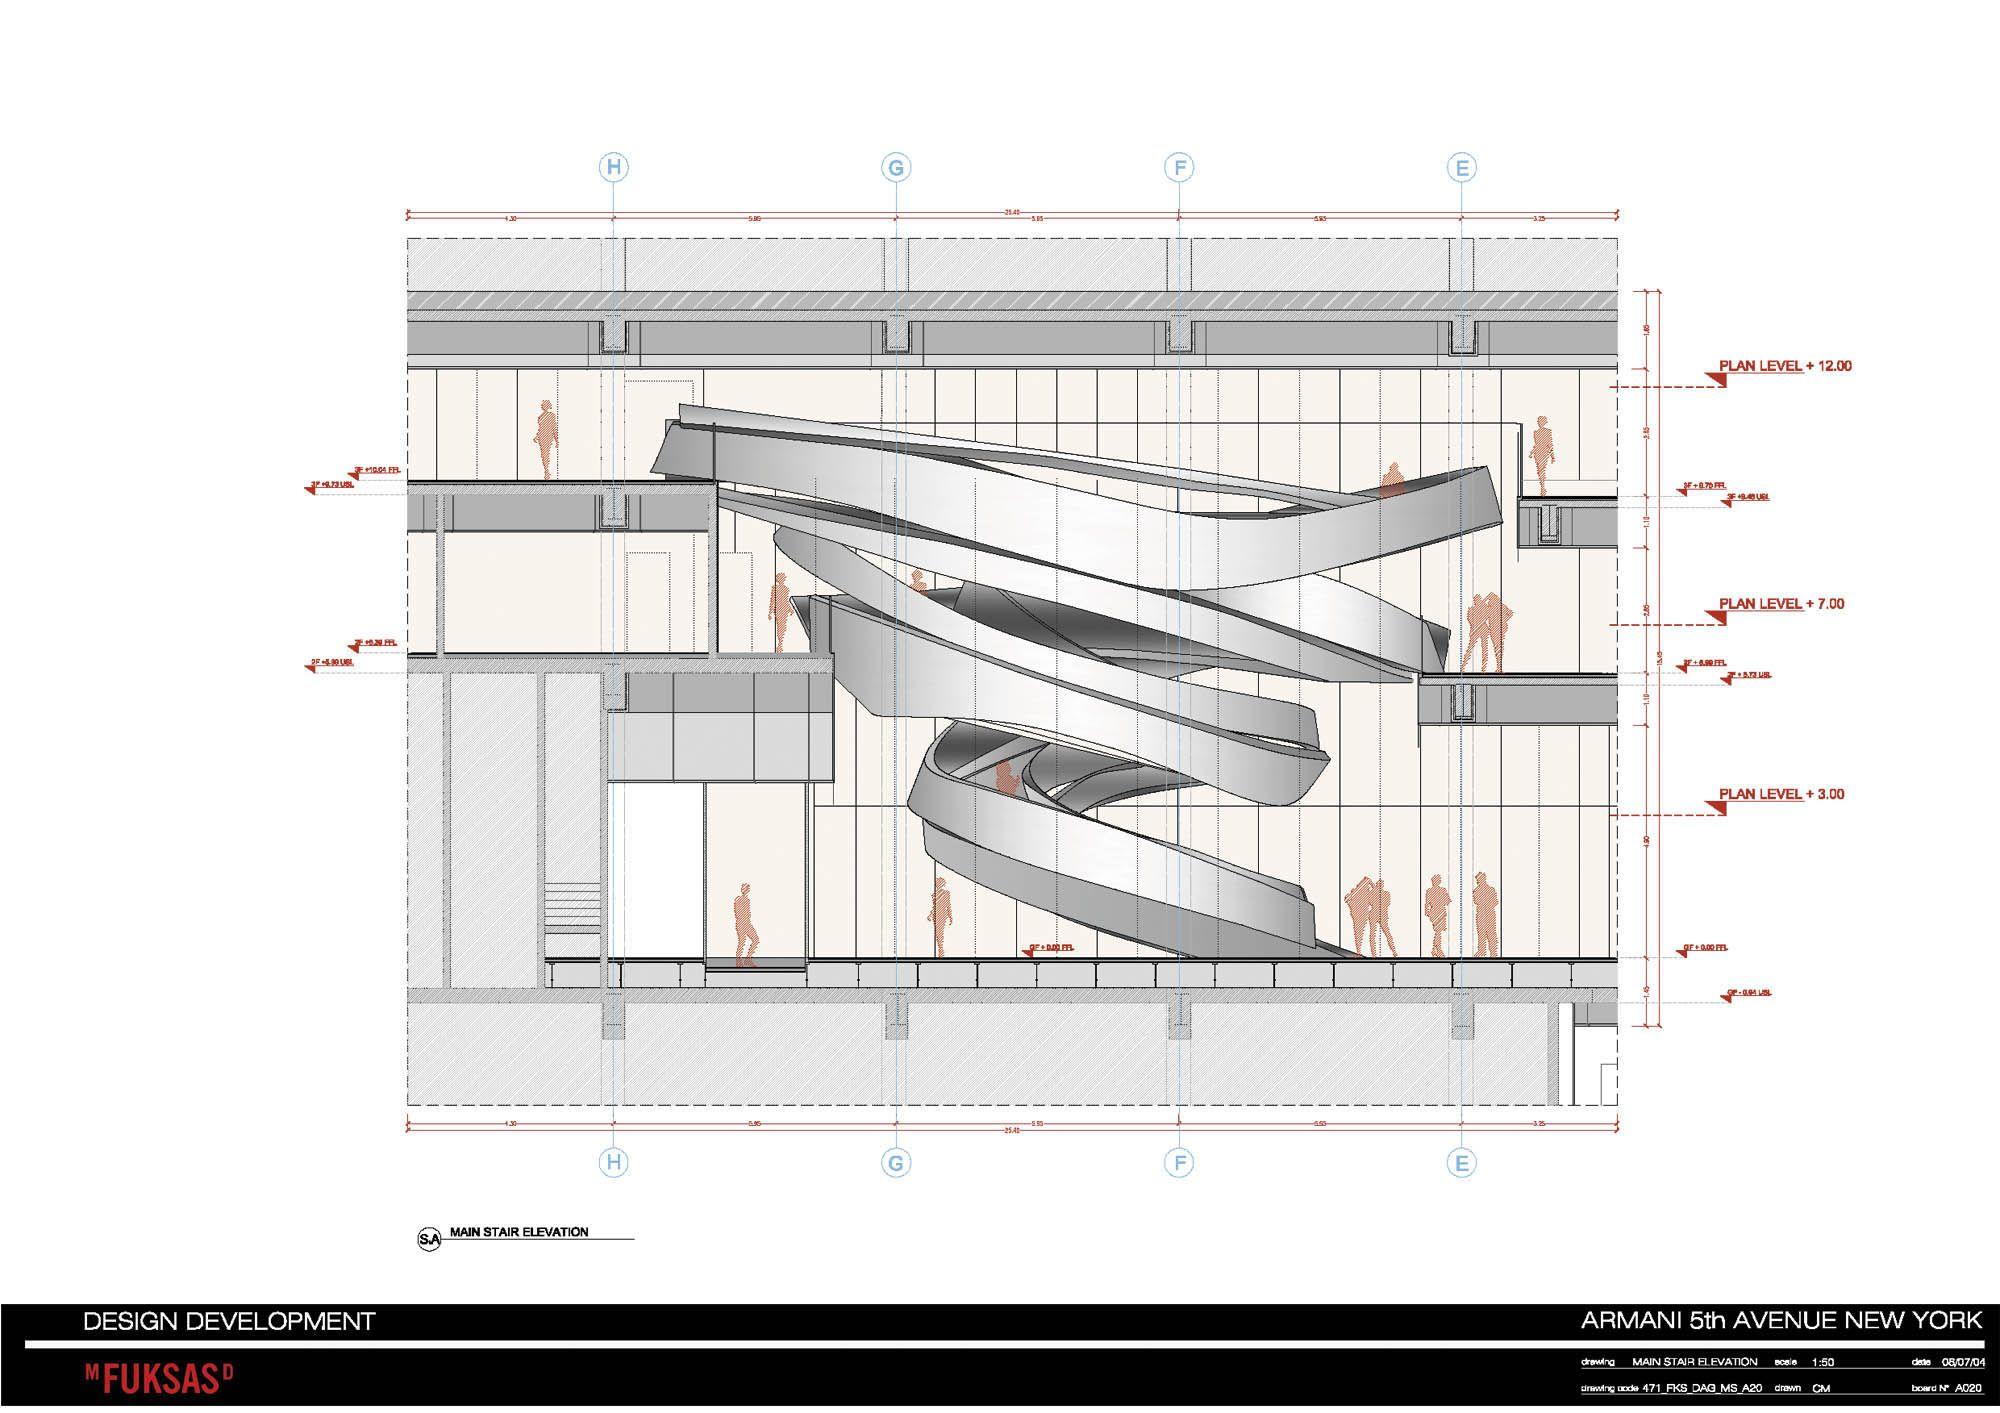 Architectural Drawing Sizes armani fifth ave. / massimiliano & doriana fuksas | architecture